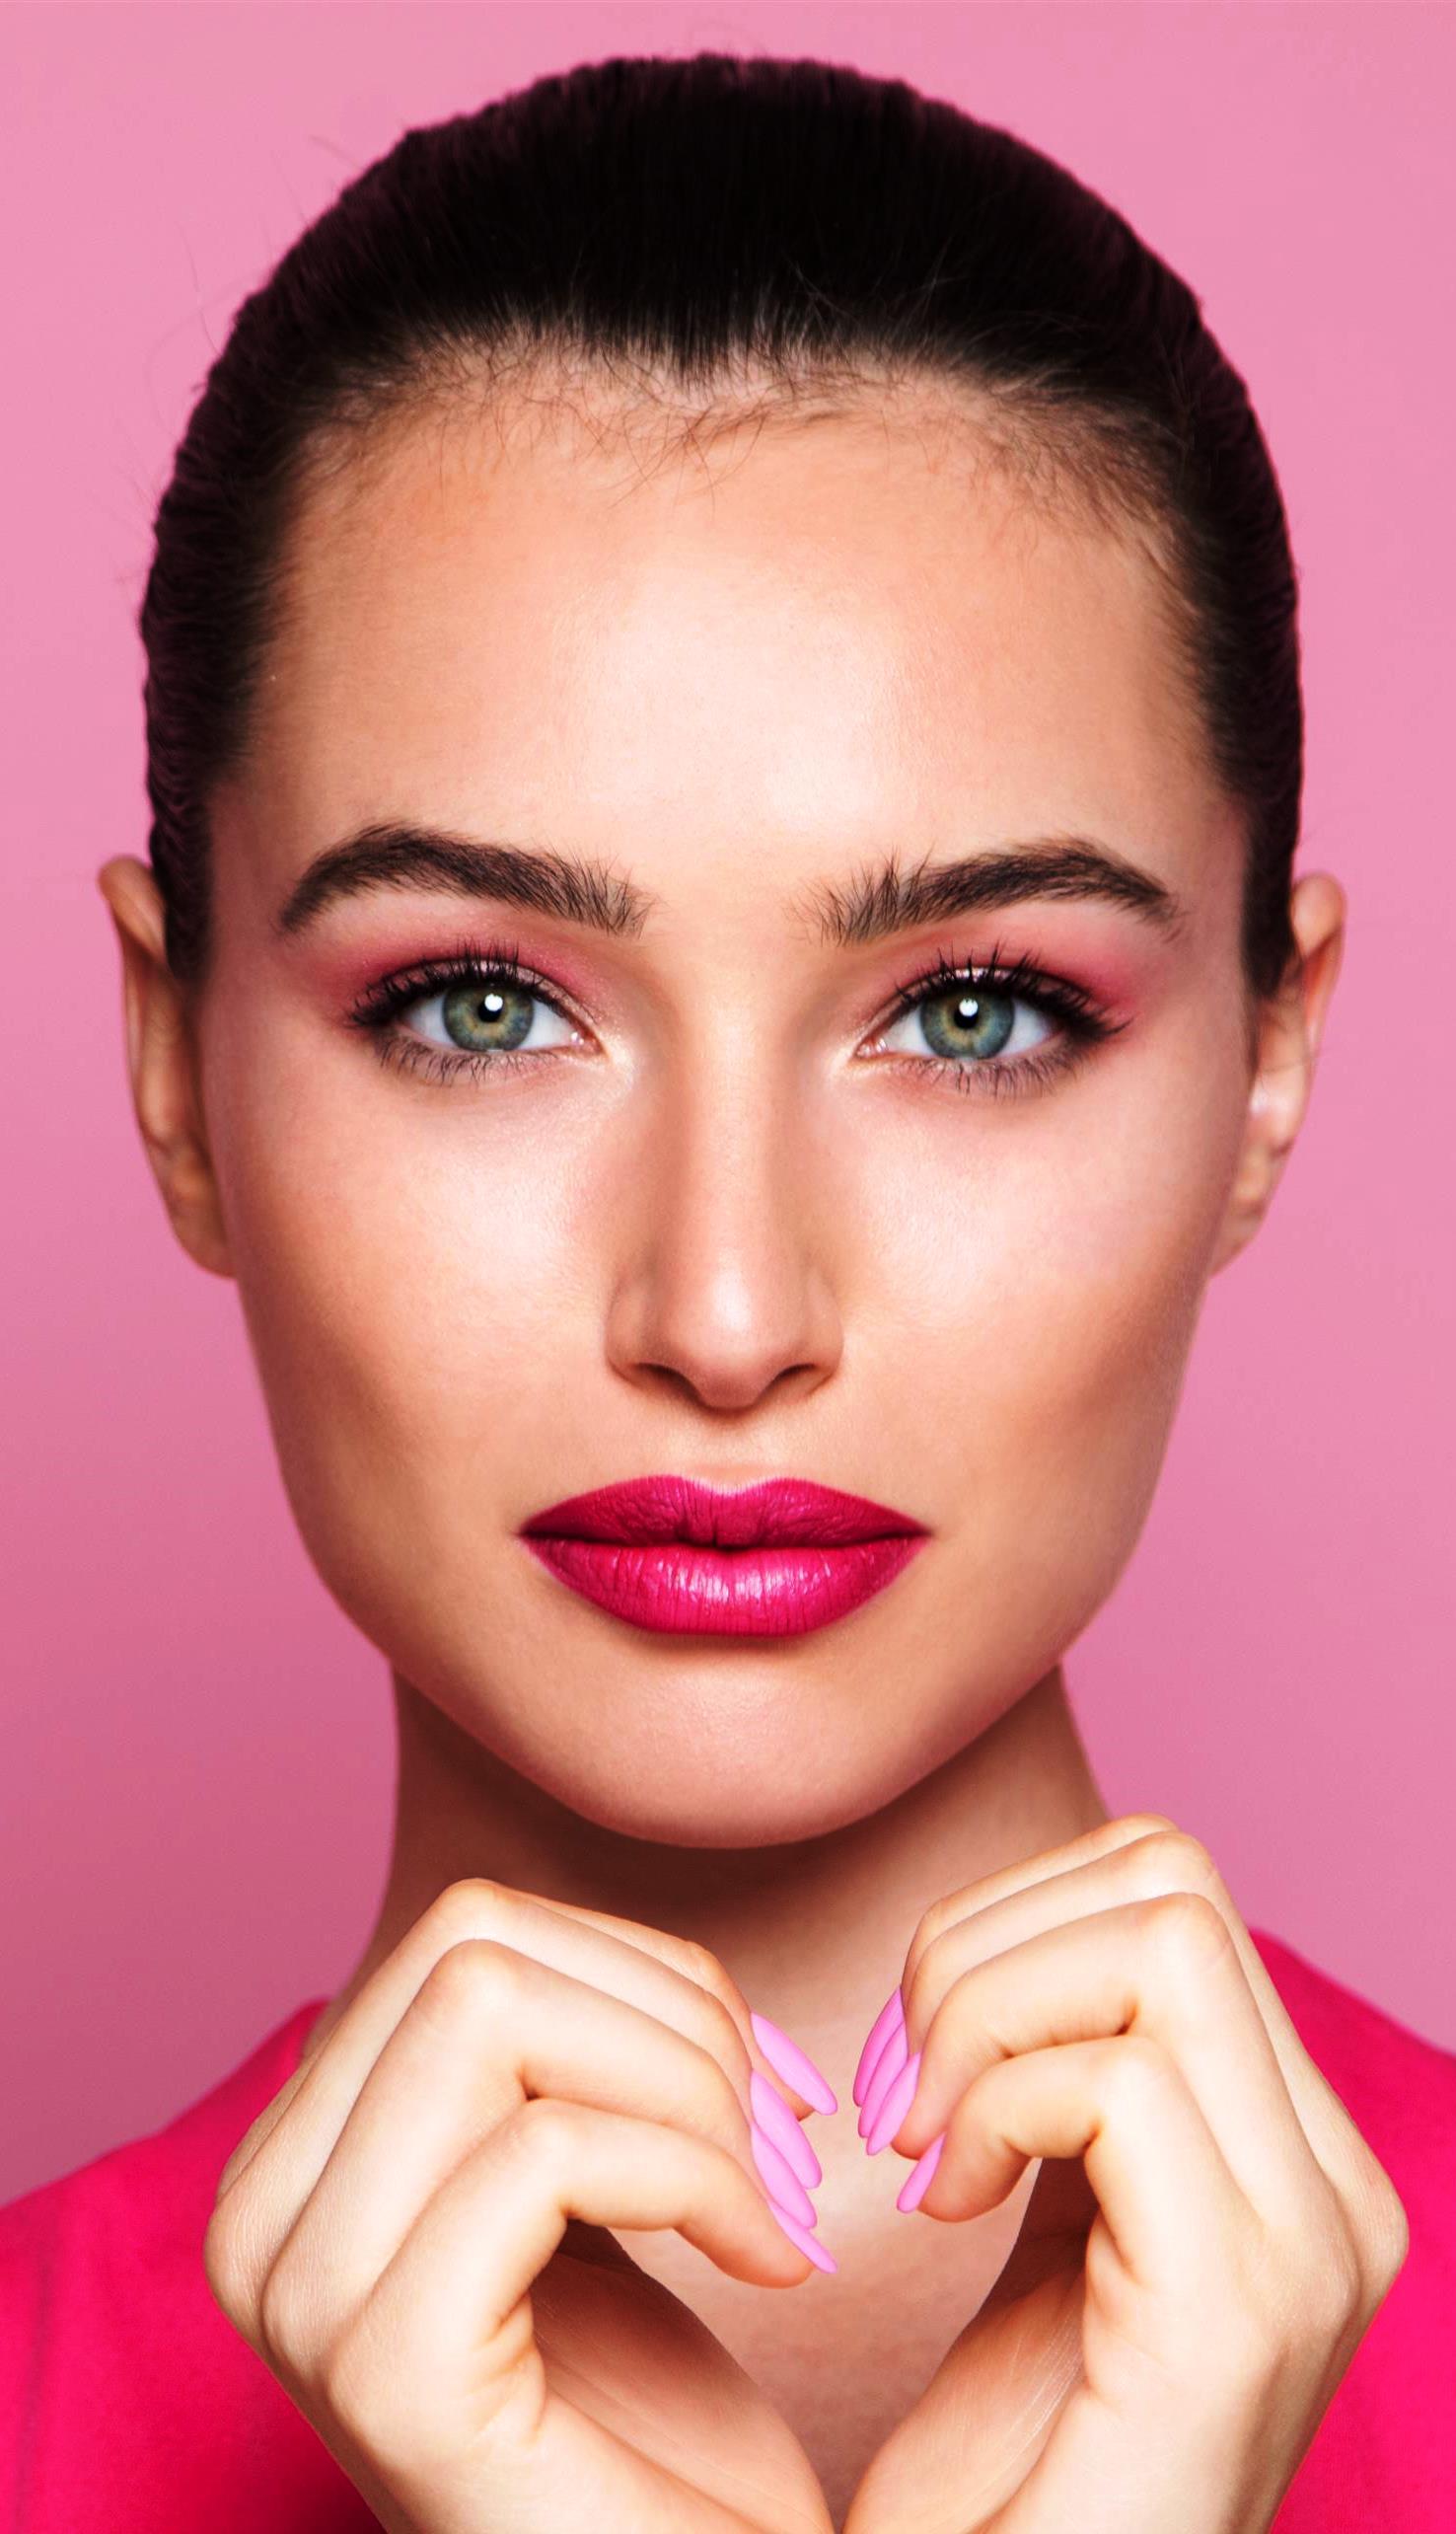 כשצללית העיניים בוורוד בהיר, השפתון צריך להיות ורוד כהה. צילום יניב אדרי